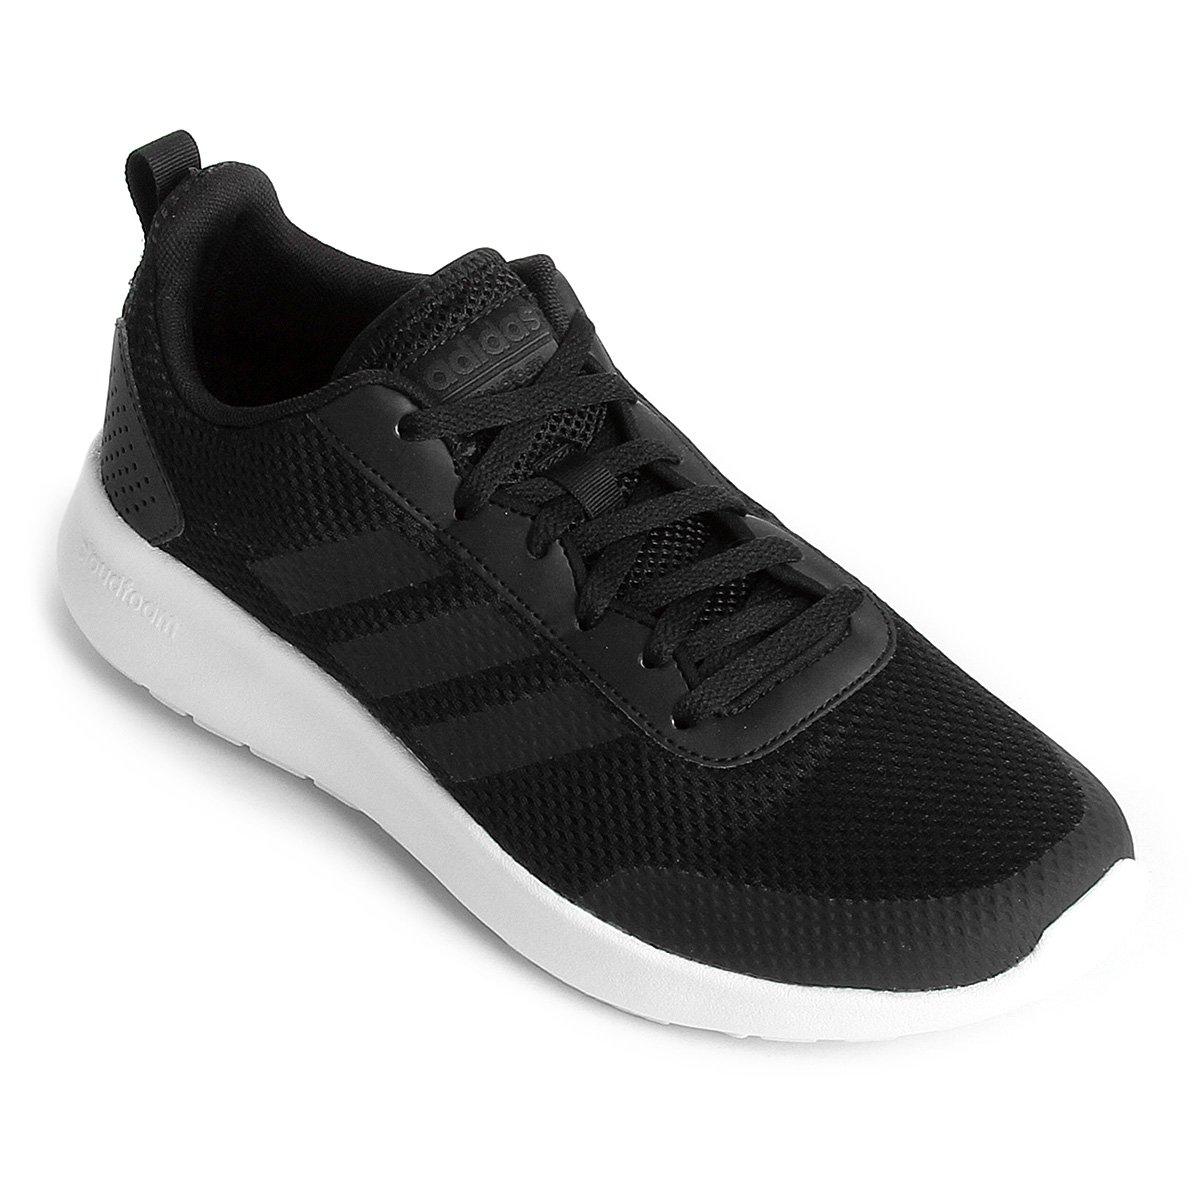 1395cb1adf Tênis Adidas CF Element Race Masculino - Preto e Branco - Compre ...